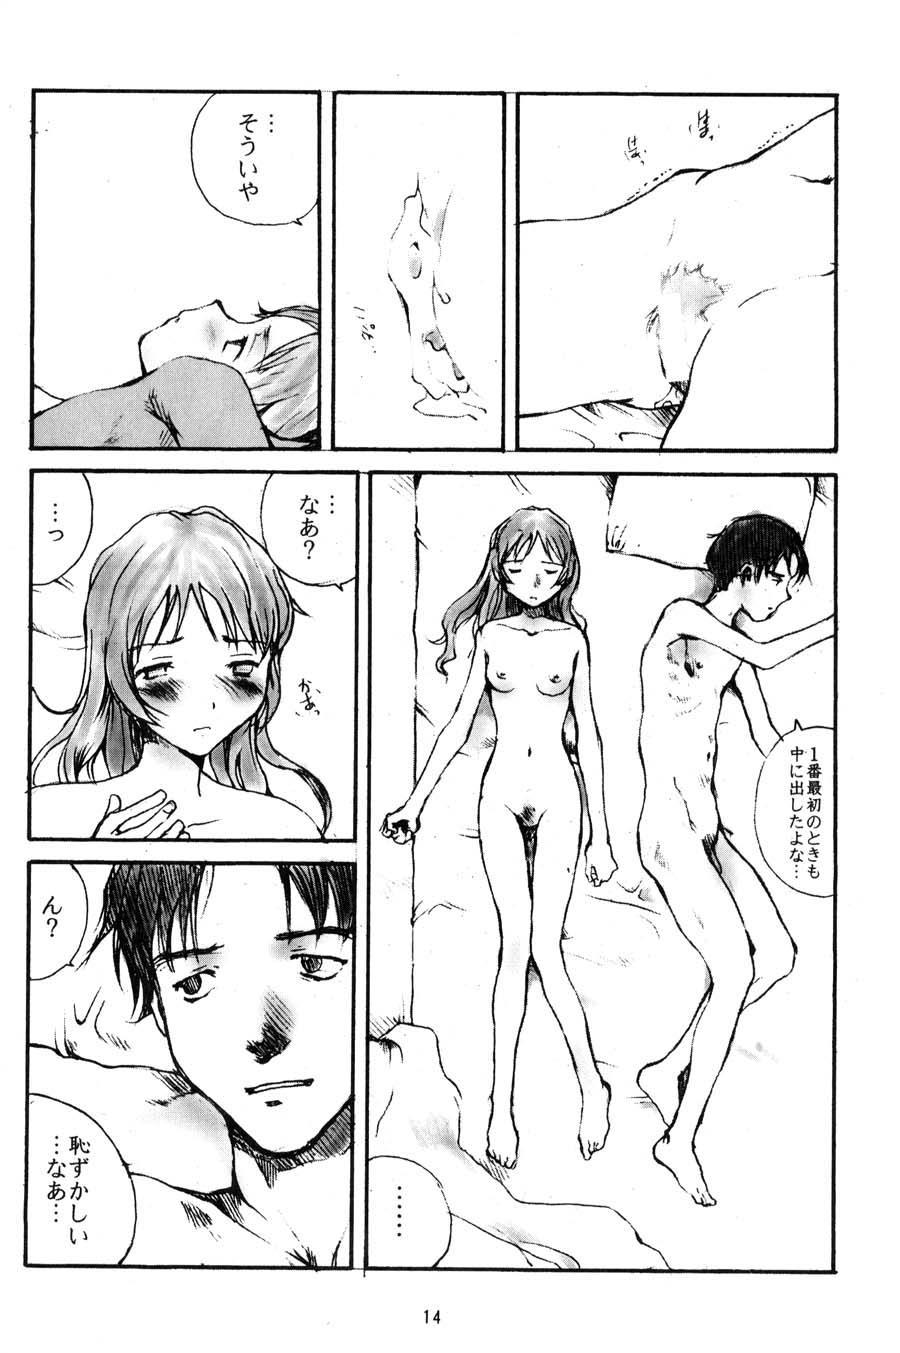 Toshiyori no Hiyamizz 12